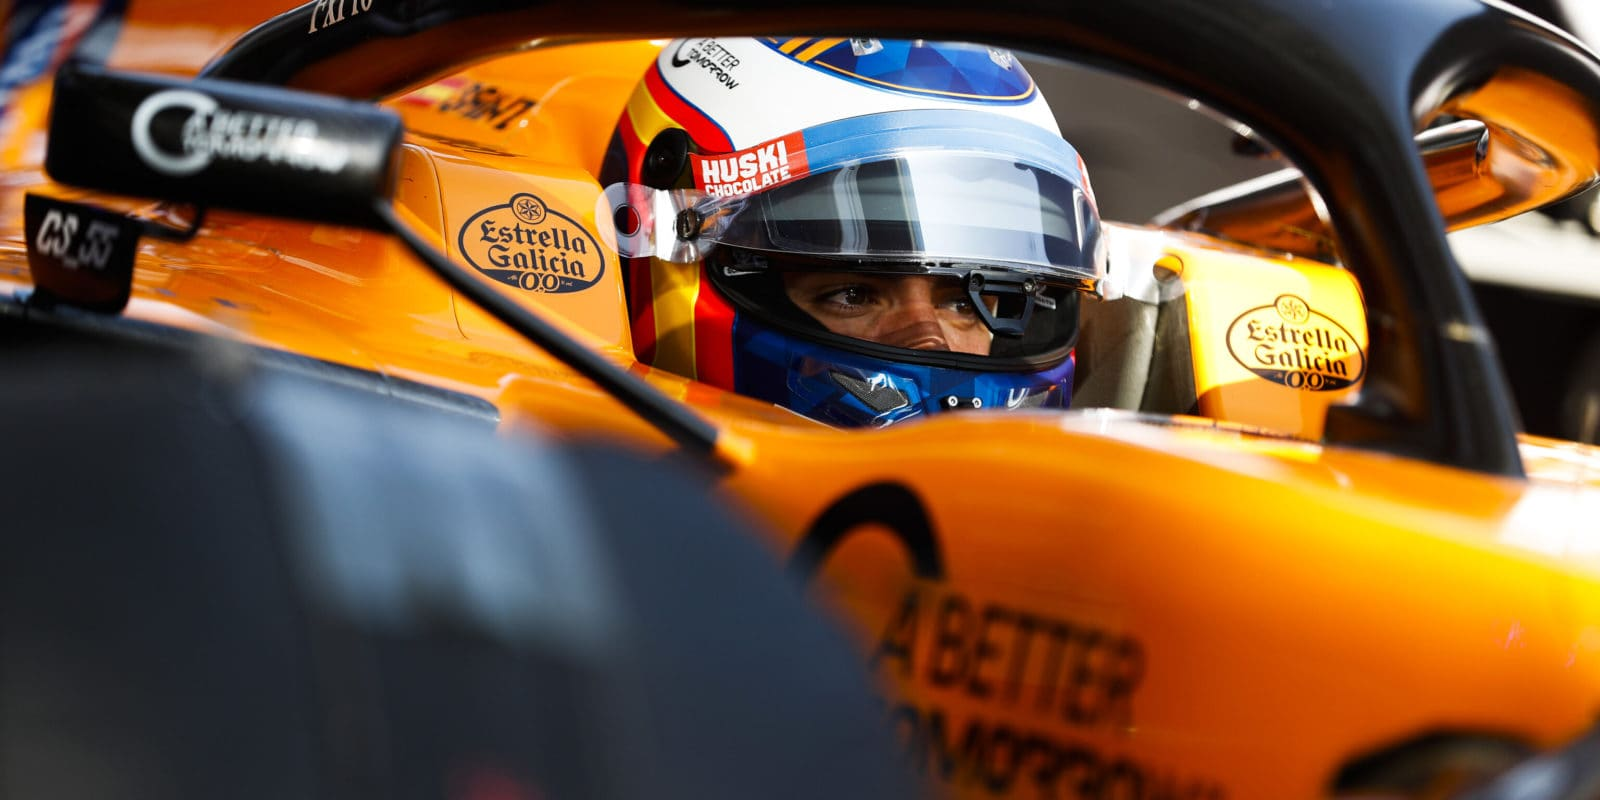 Alonso nám může pomoci, říká Carlos Sainz